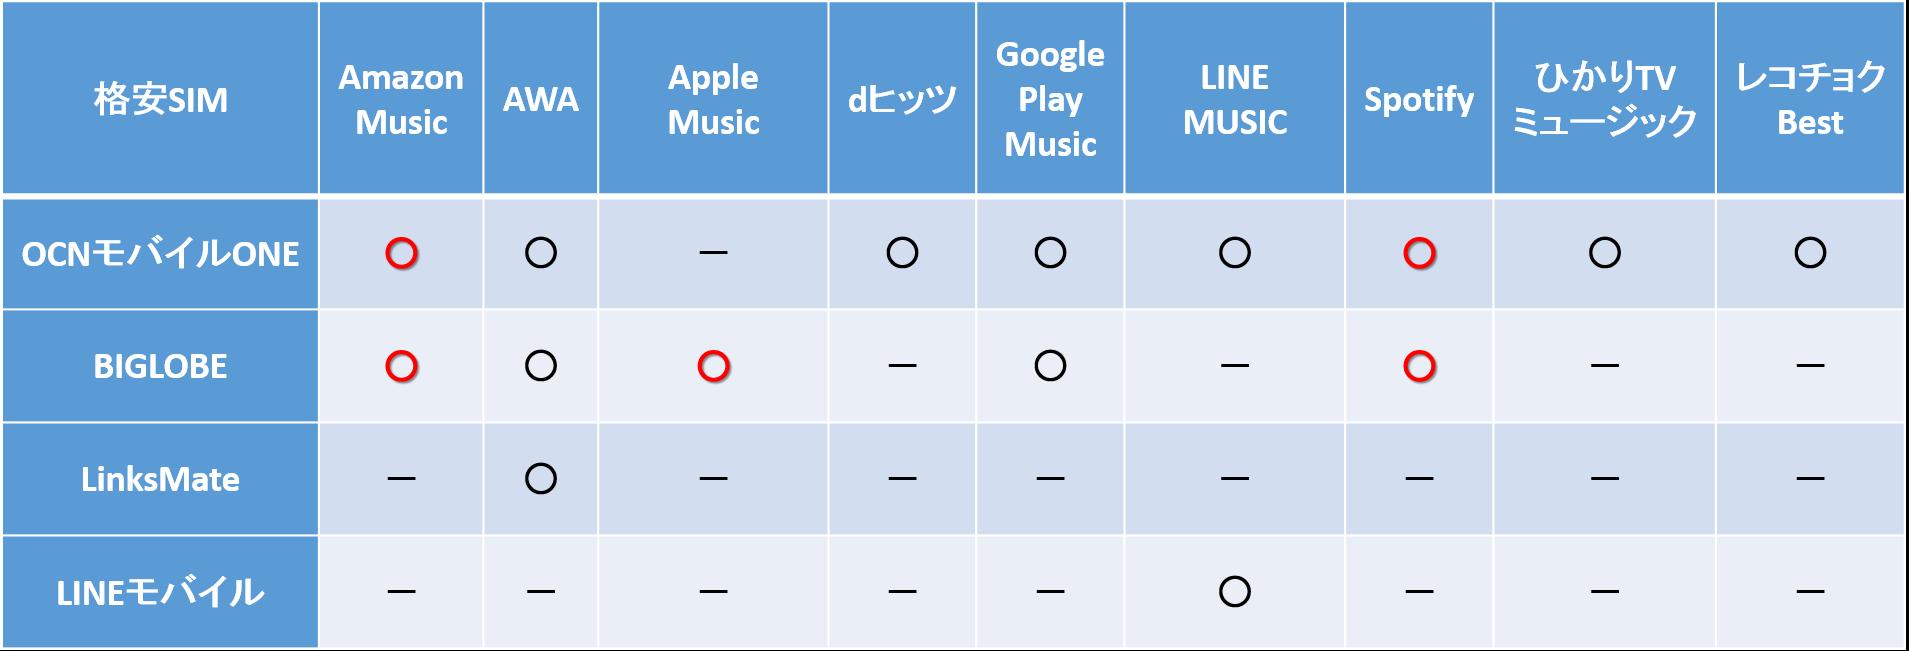 格安SIMのMUSICカウントフリー比較表